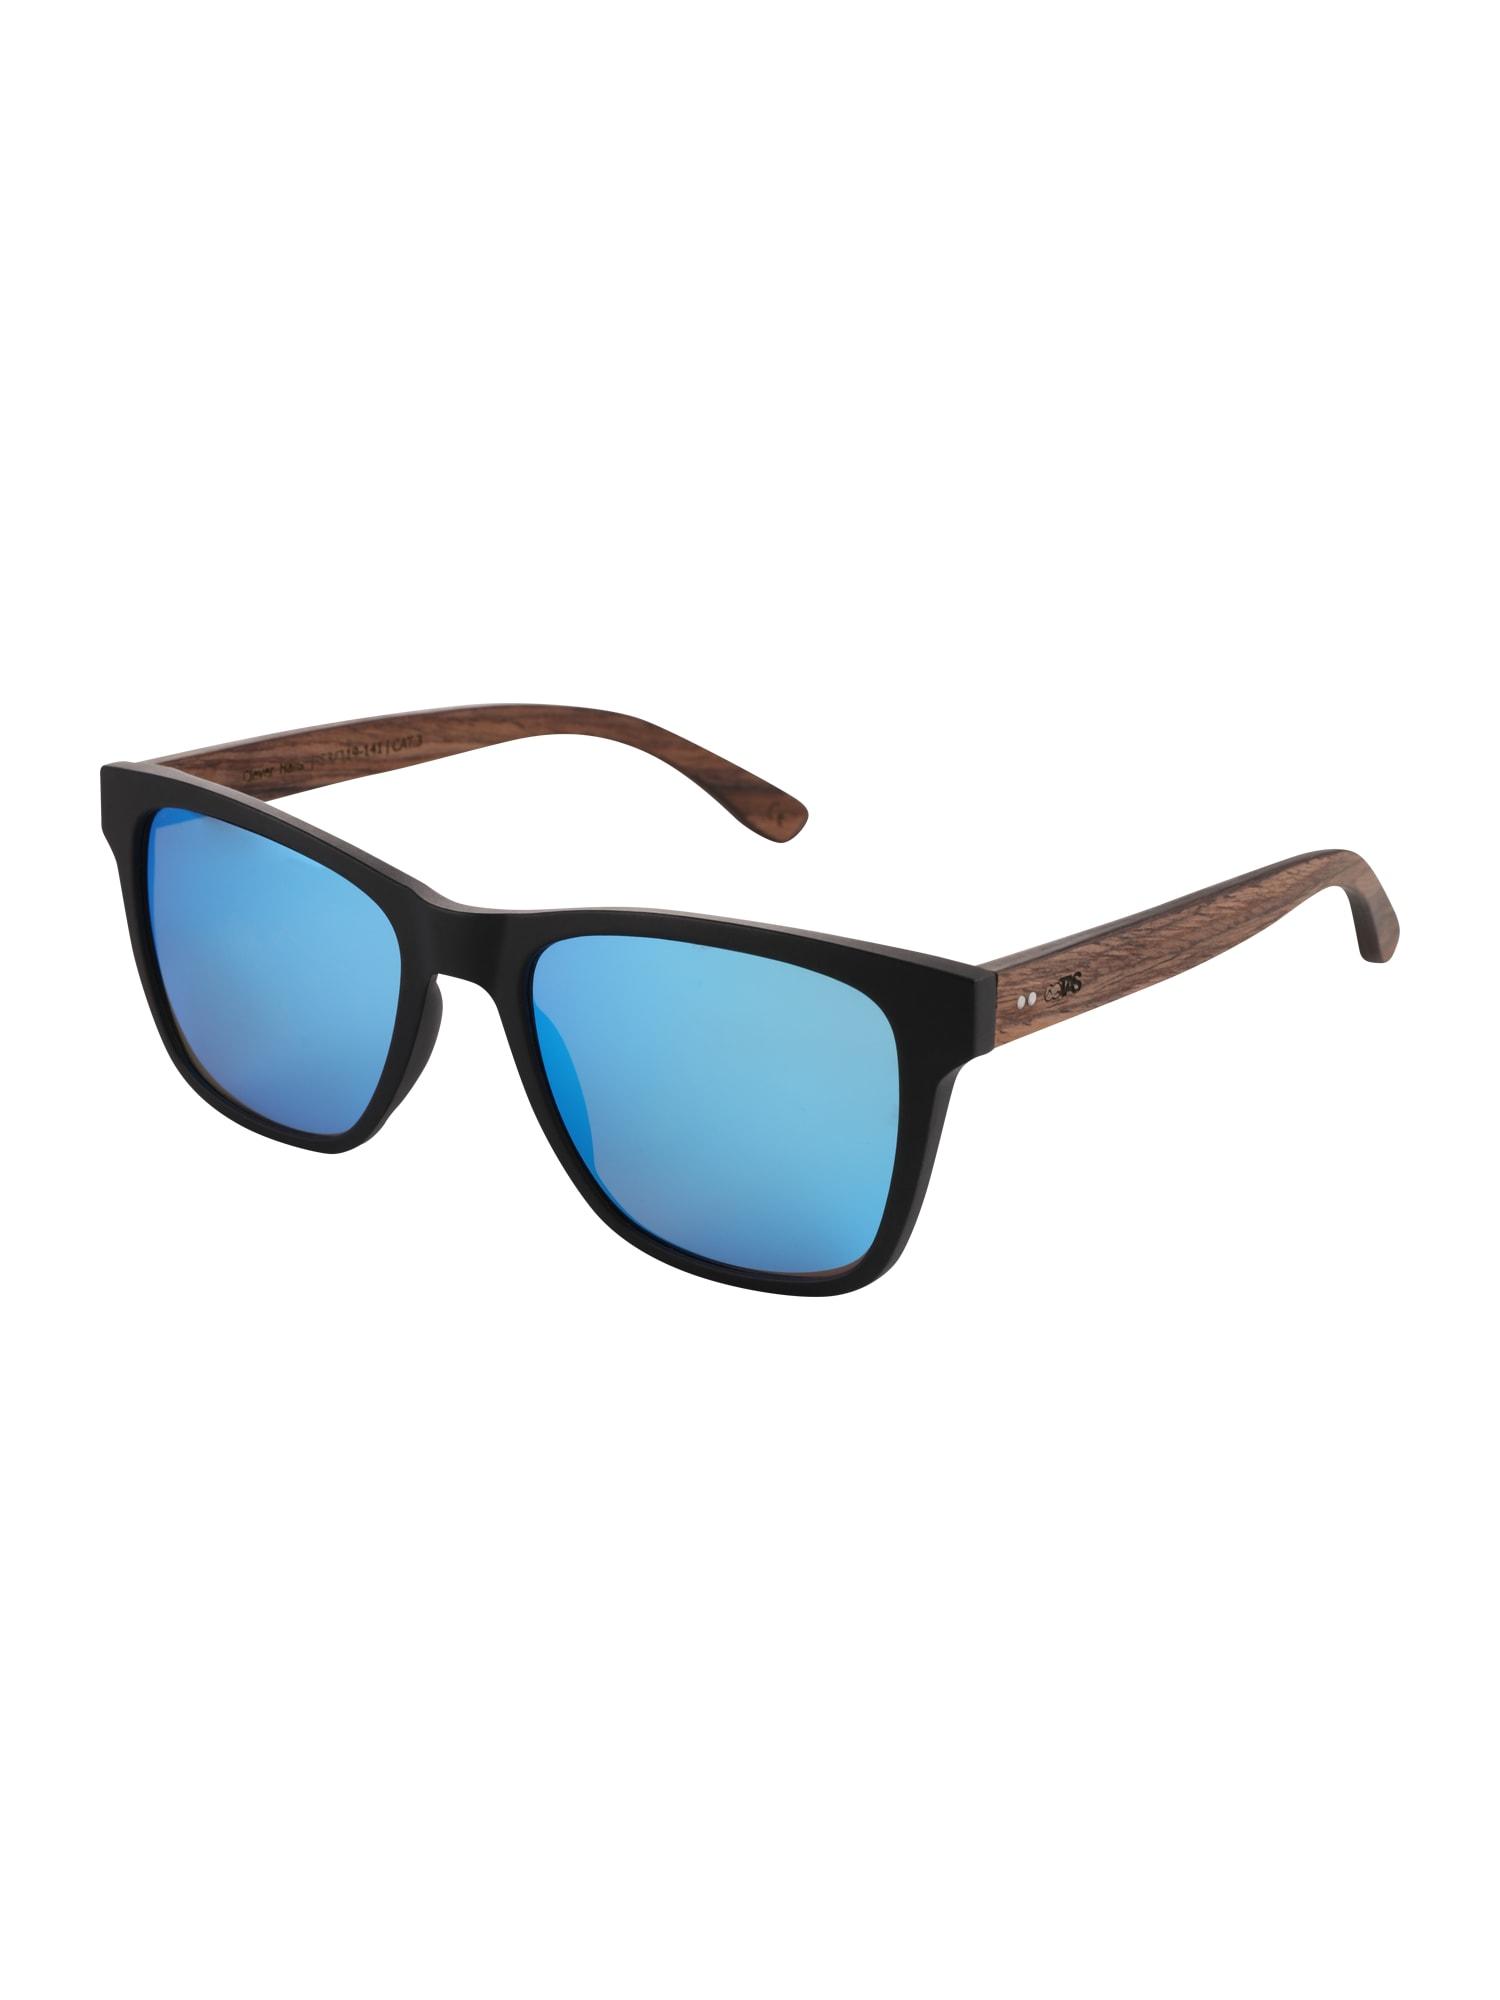 Sluneční brýle New Grimm Collection modrá hnědá černá TAKE A SHOT